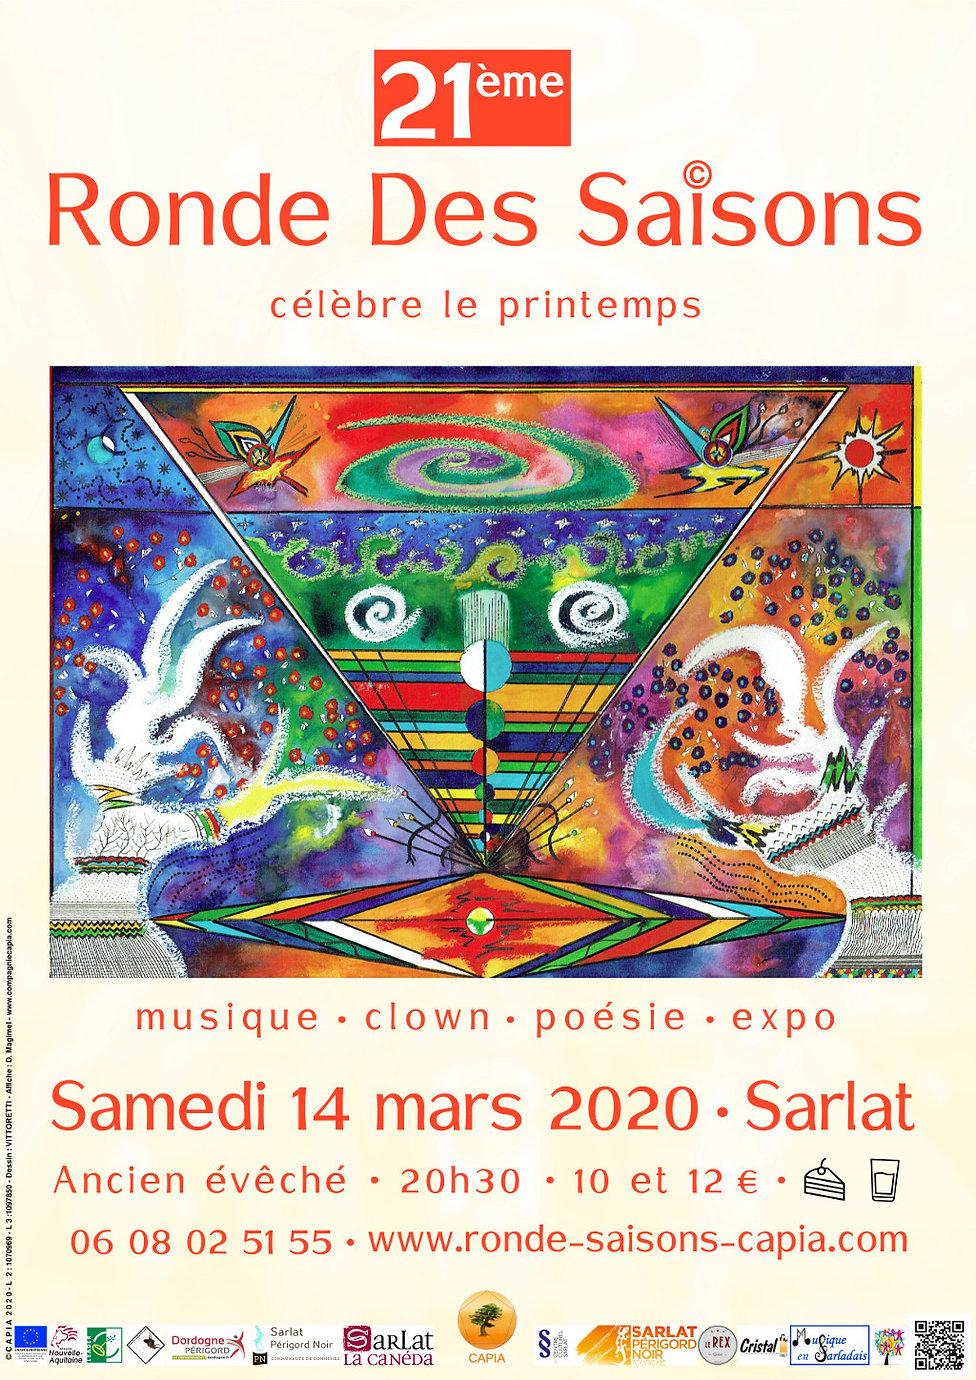 flyer_recto_rds_21_printemps_2020_web102